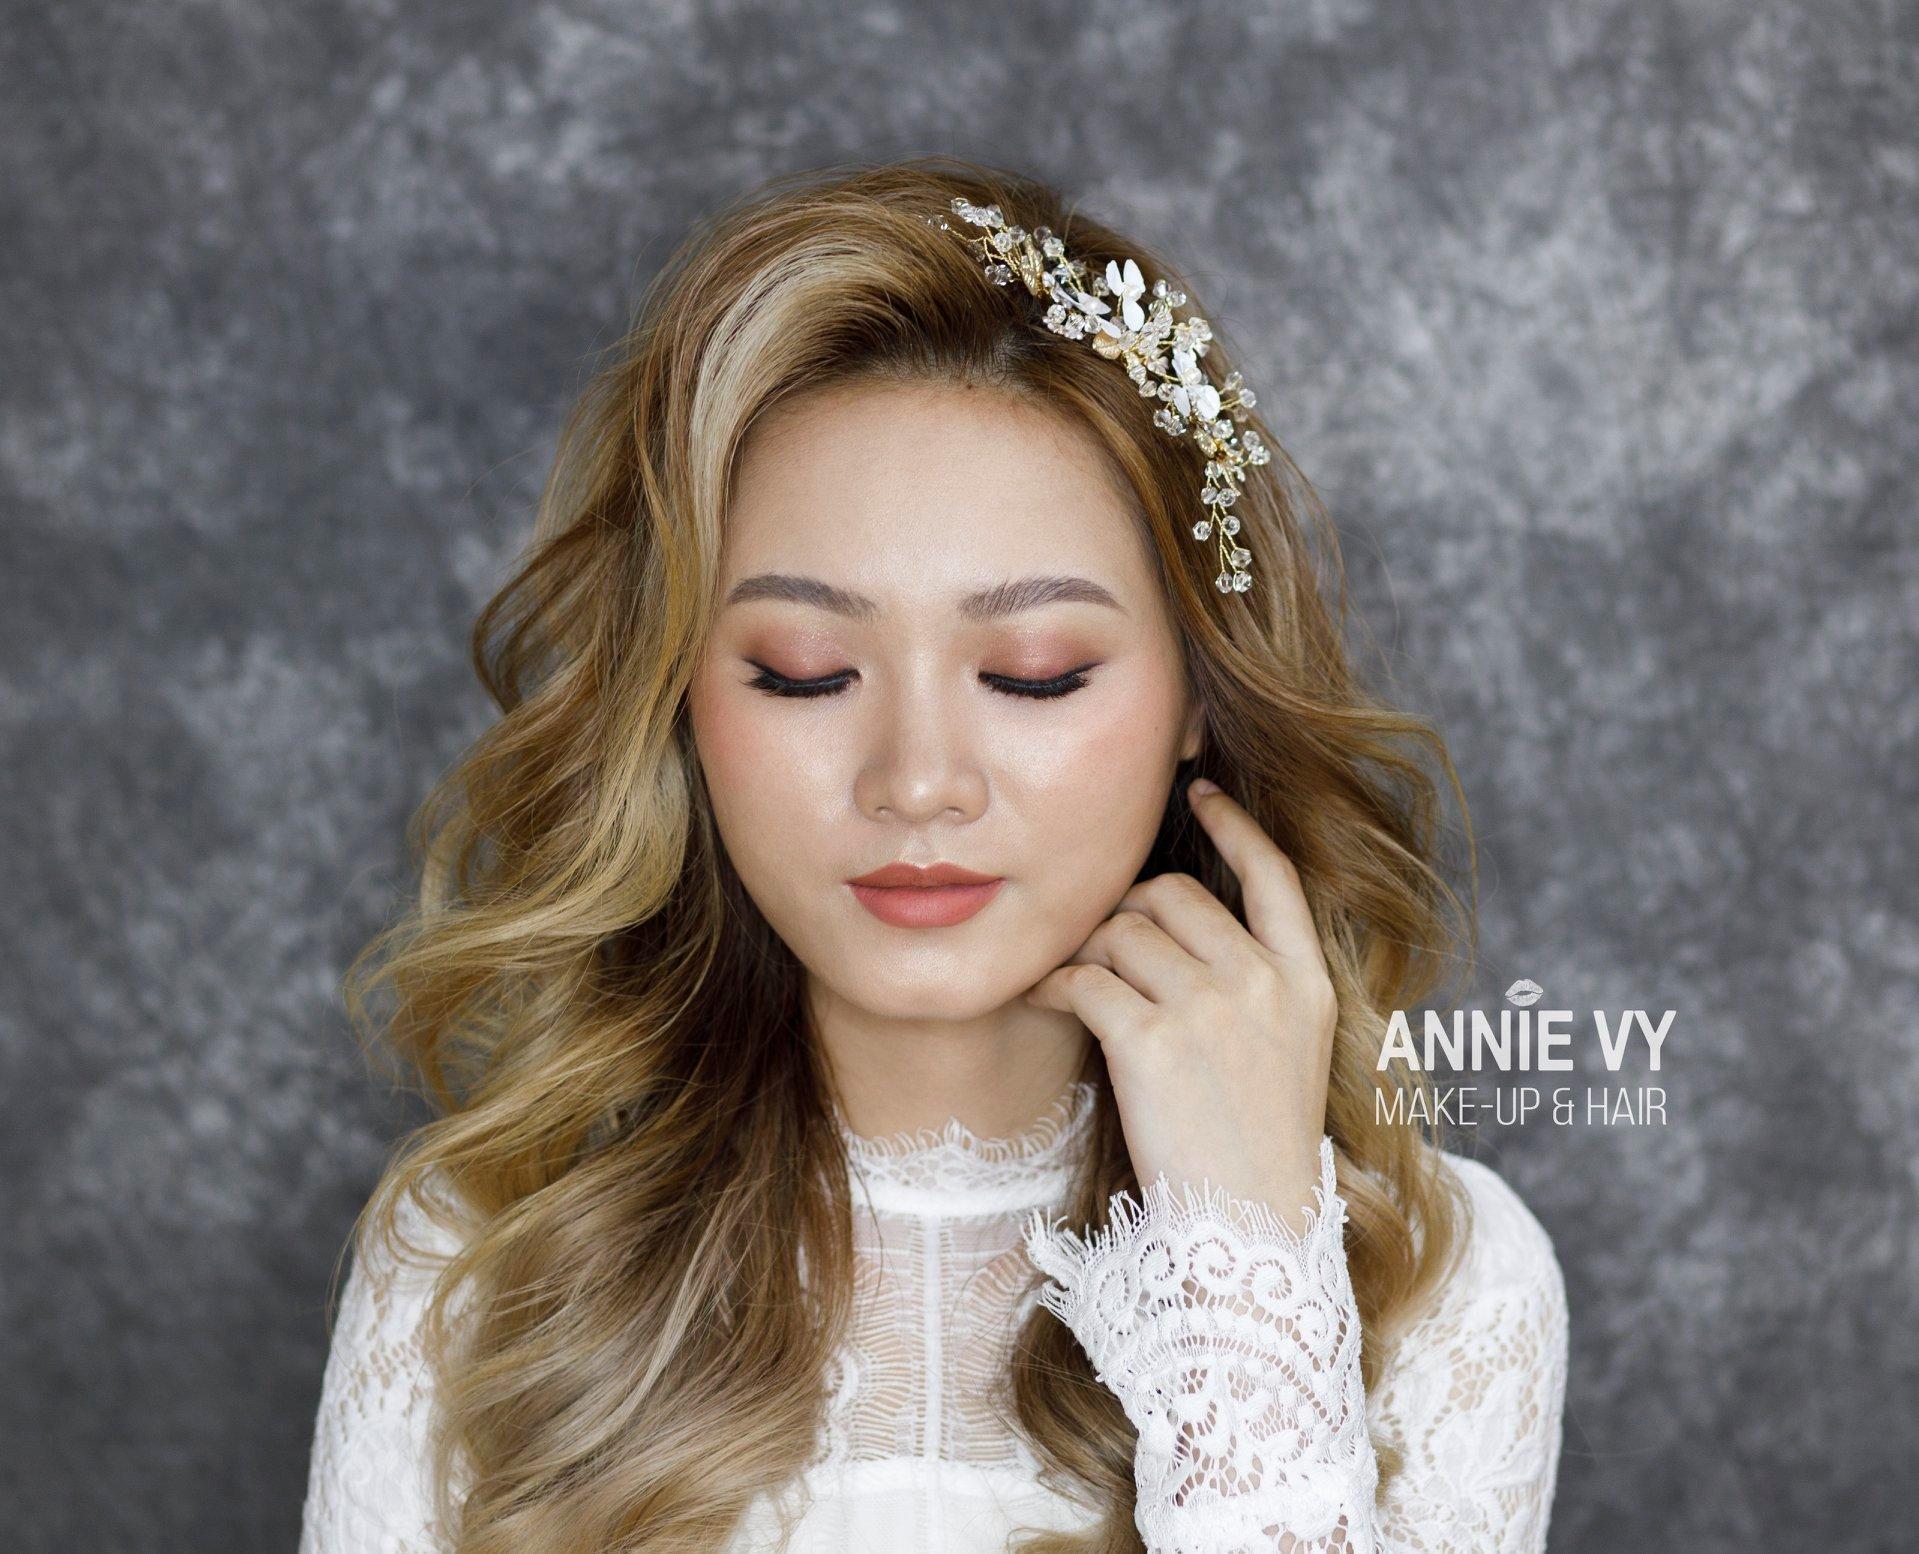 makeup-co-dau-trang-diem-co-dau-annie-vy (2).jpg